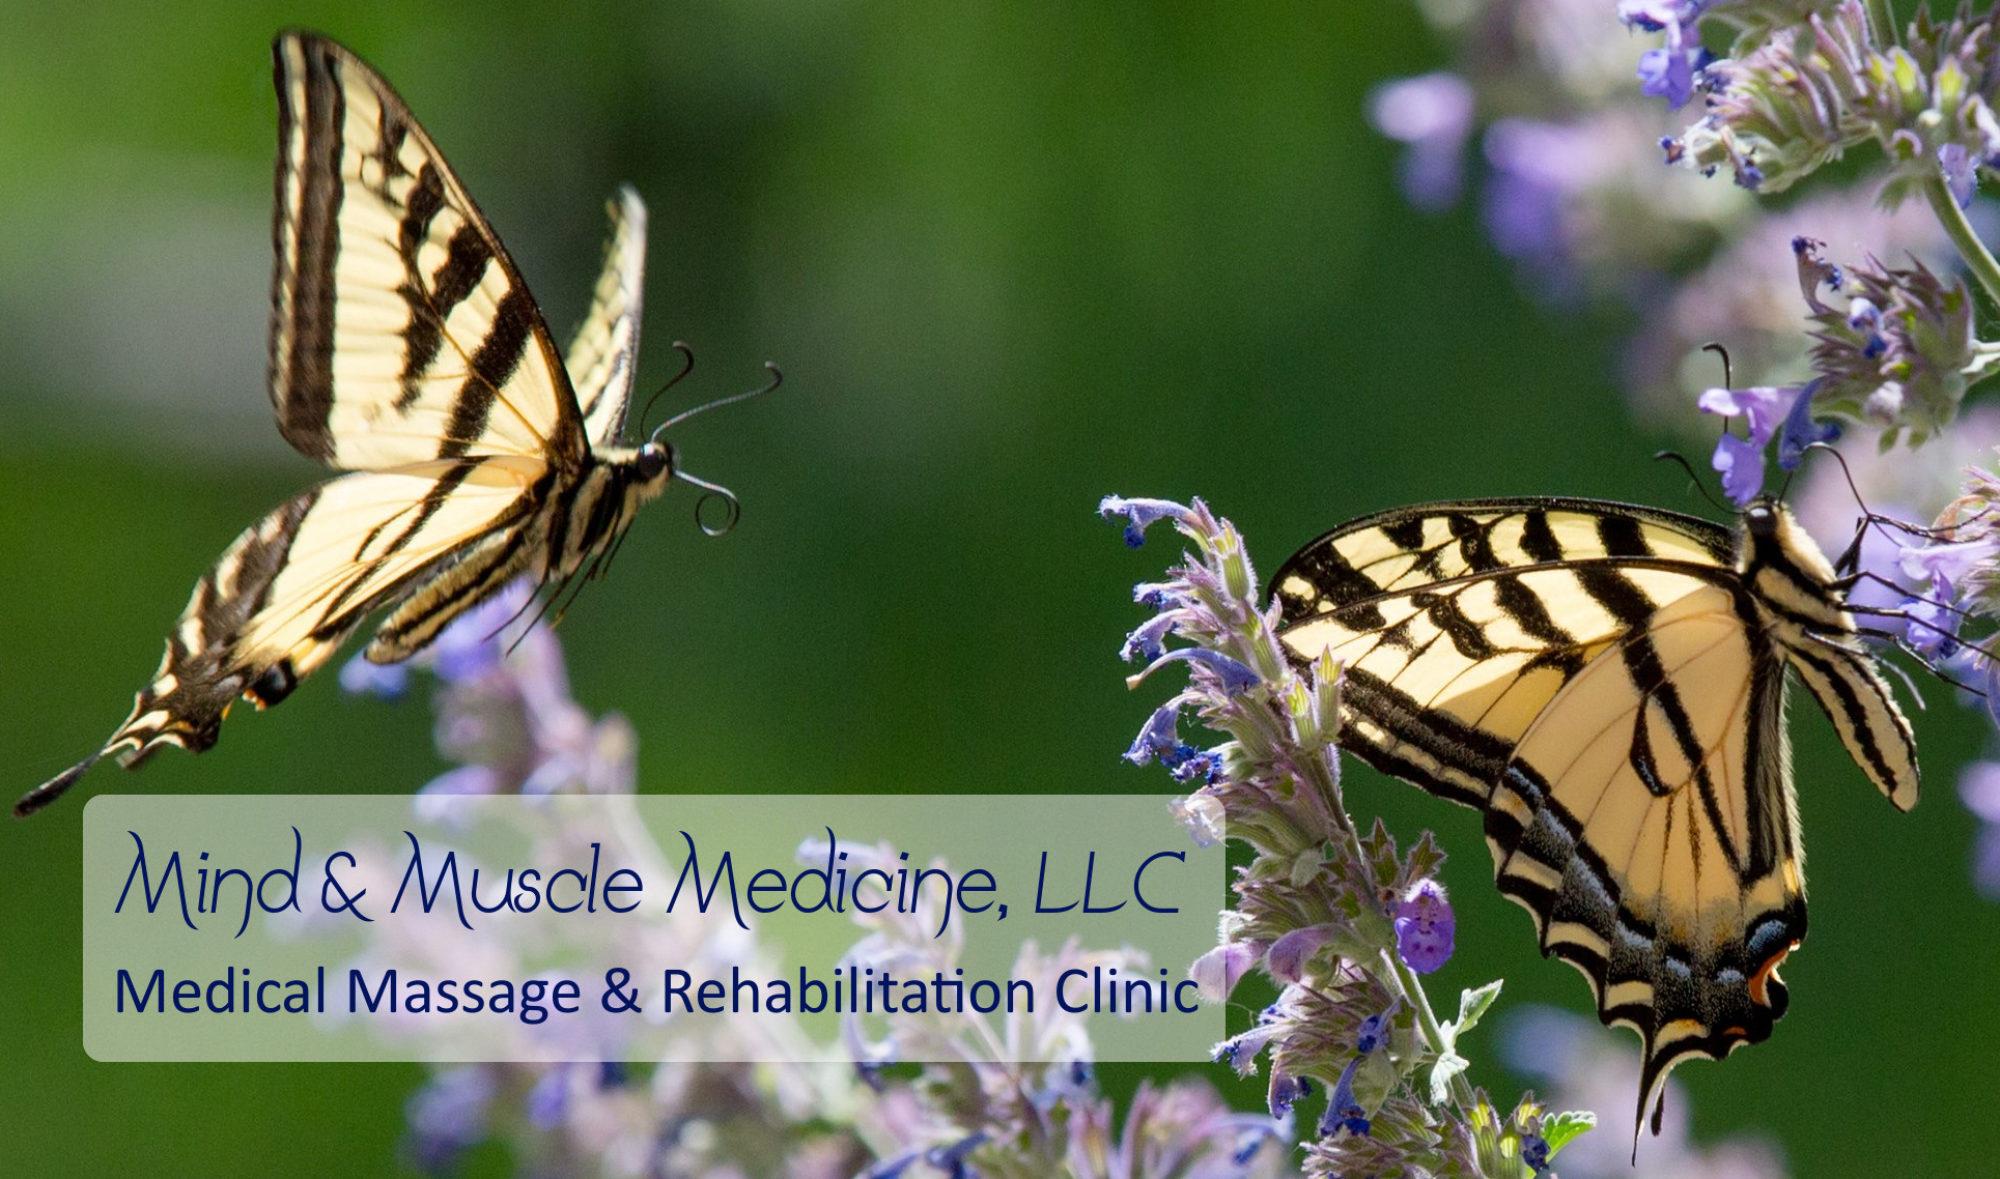 Mind & Muscle Medicine